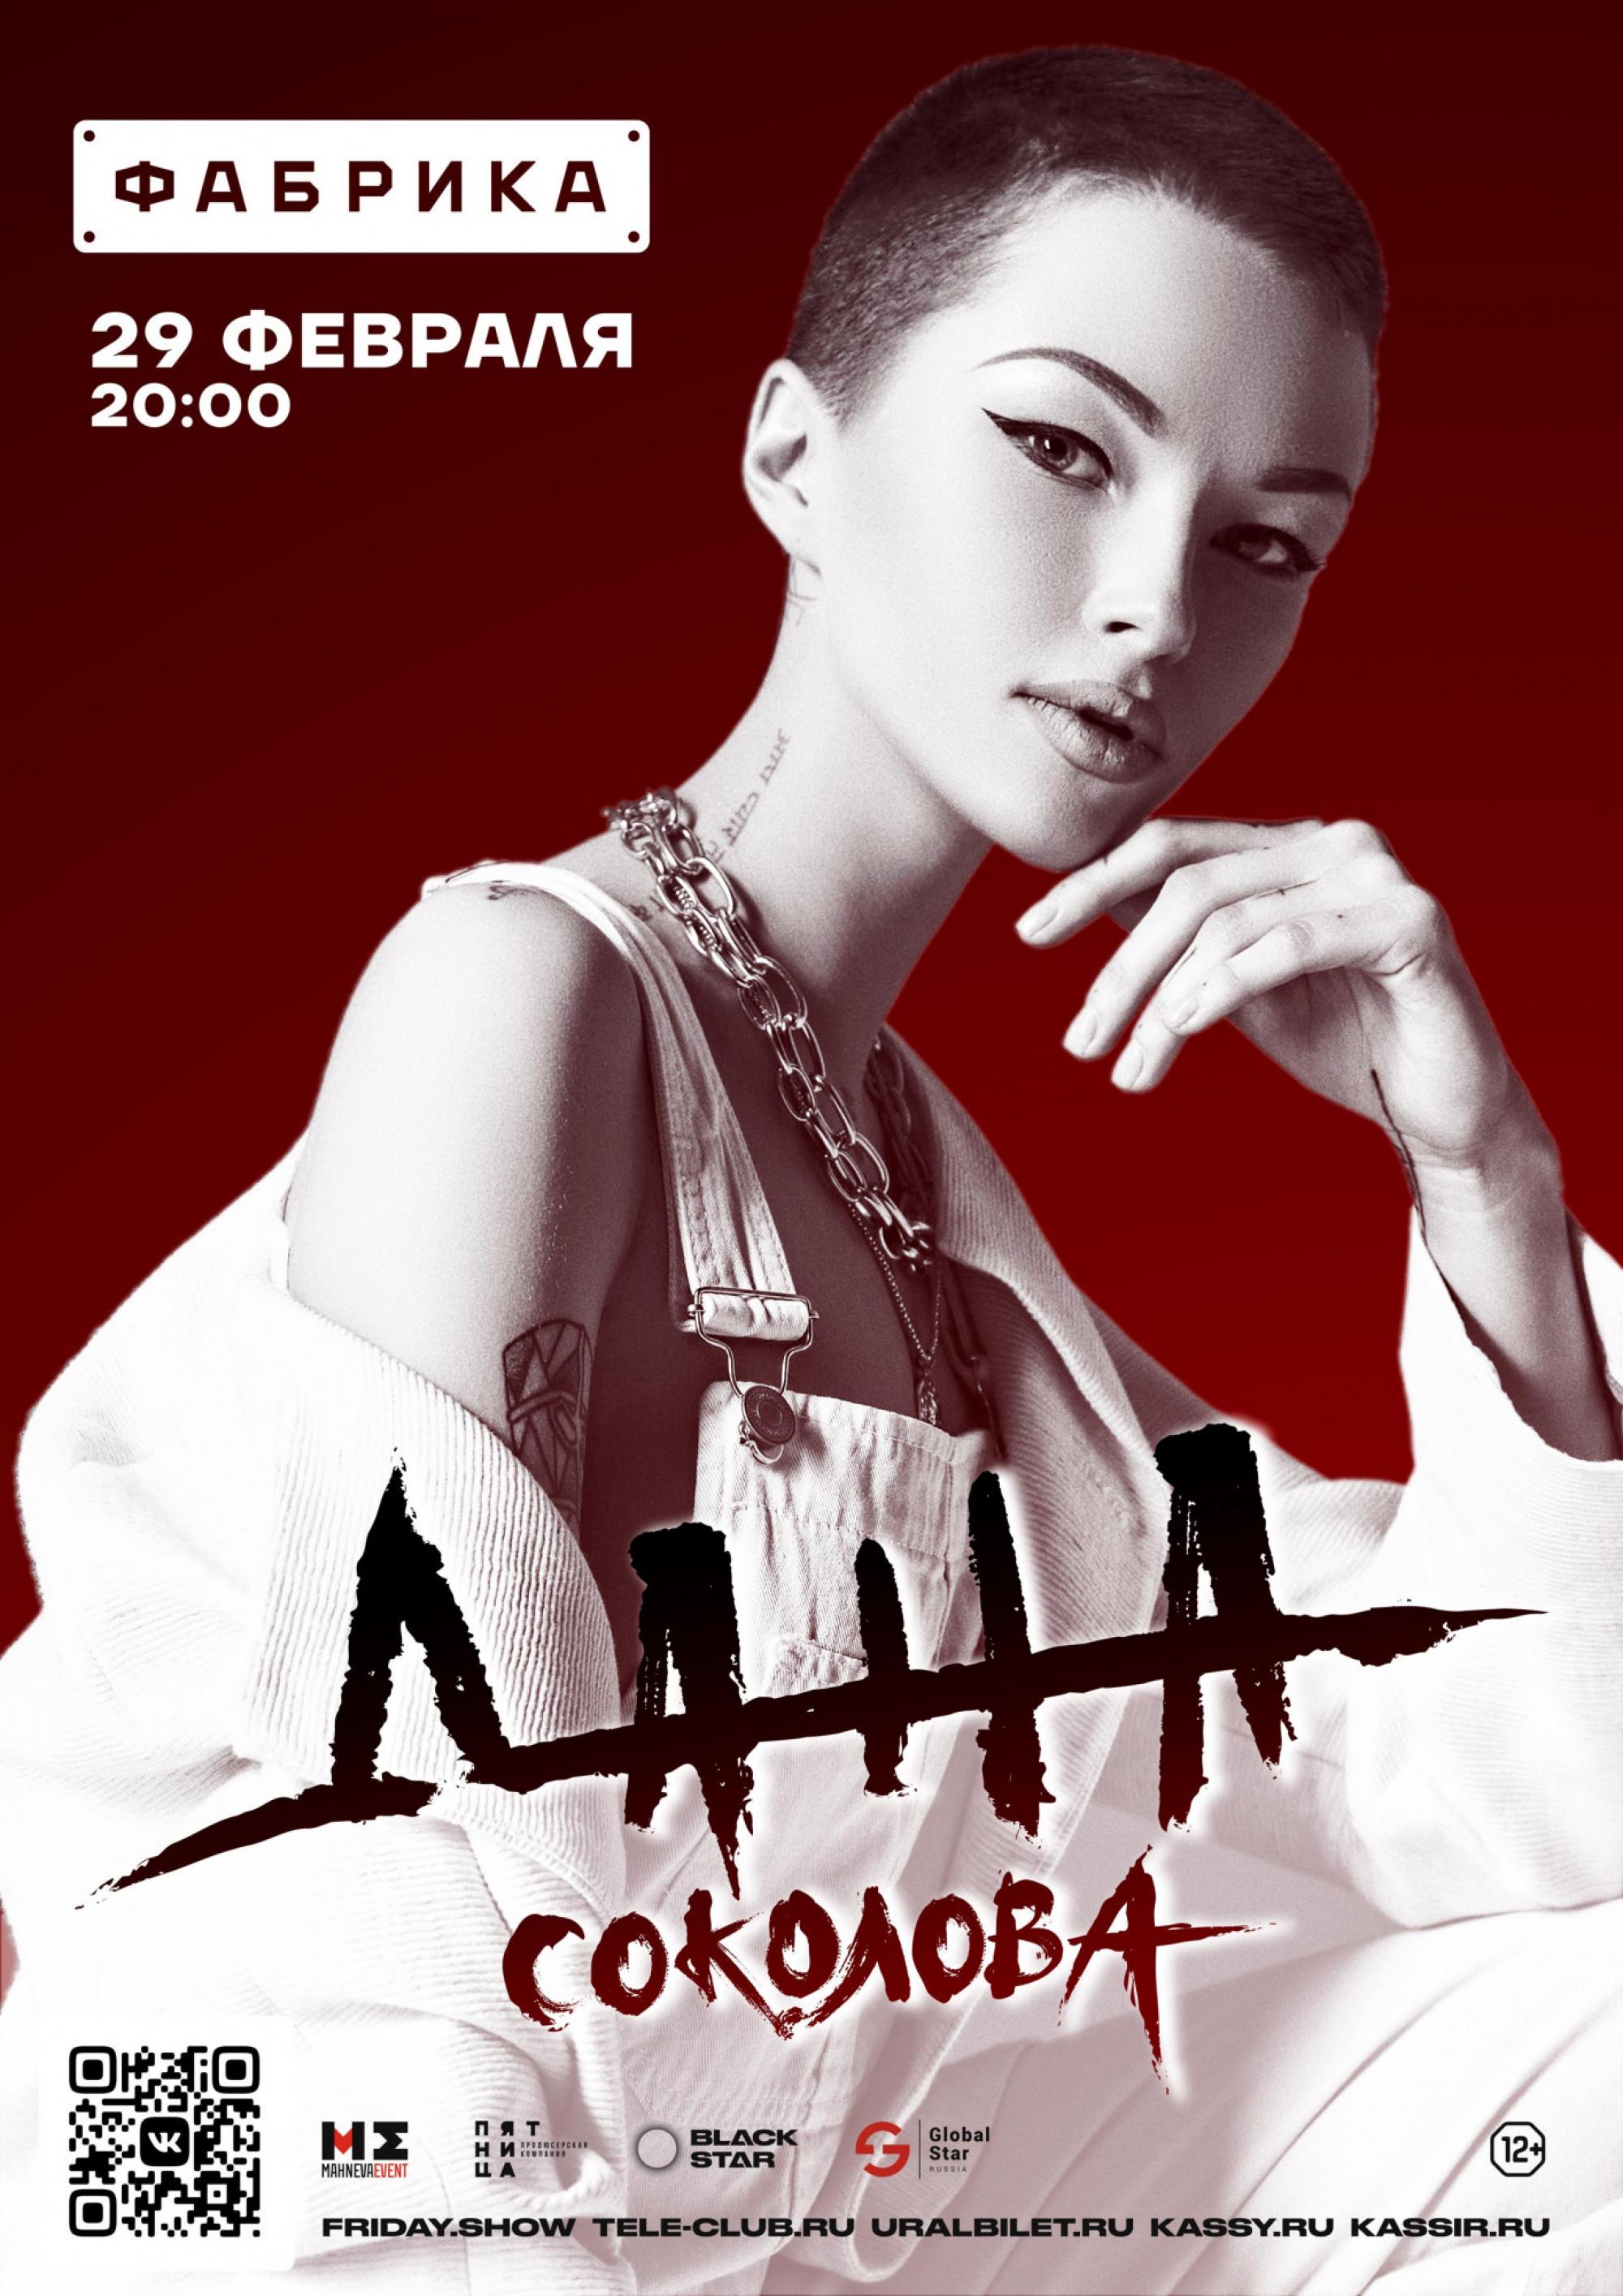 Изображение афиши концерта Даны Соколовой предоставлено организаторами